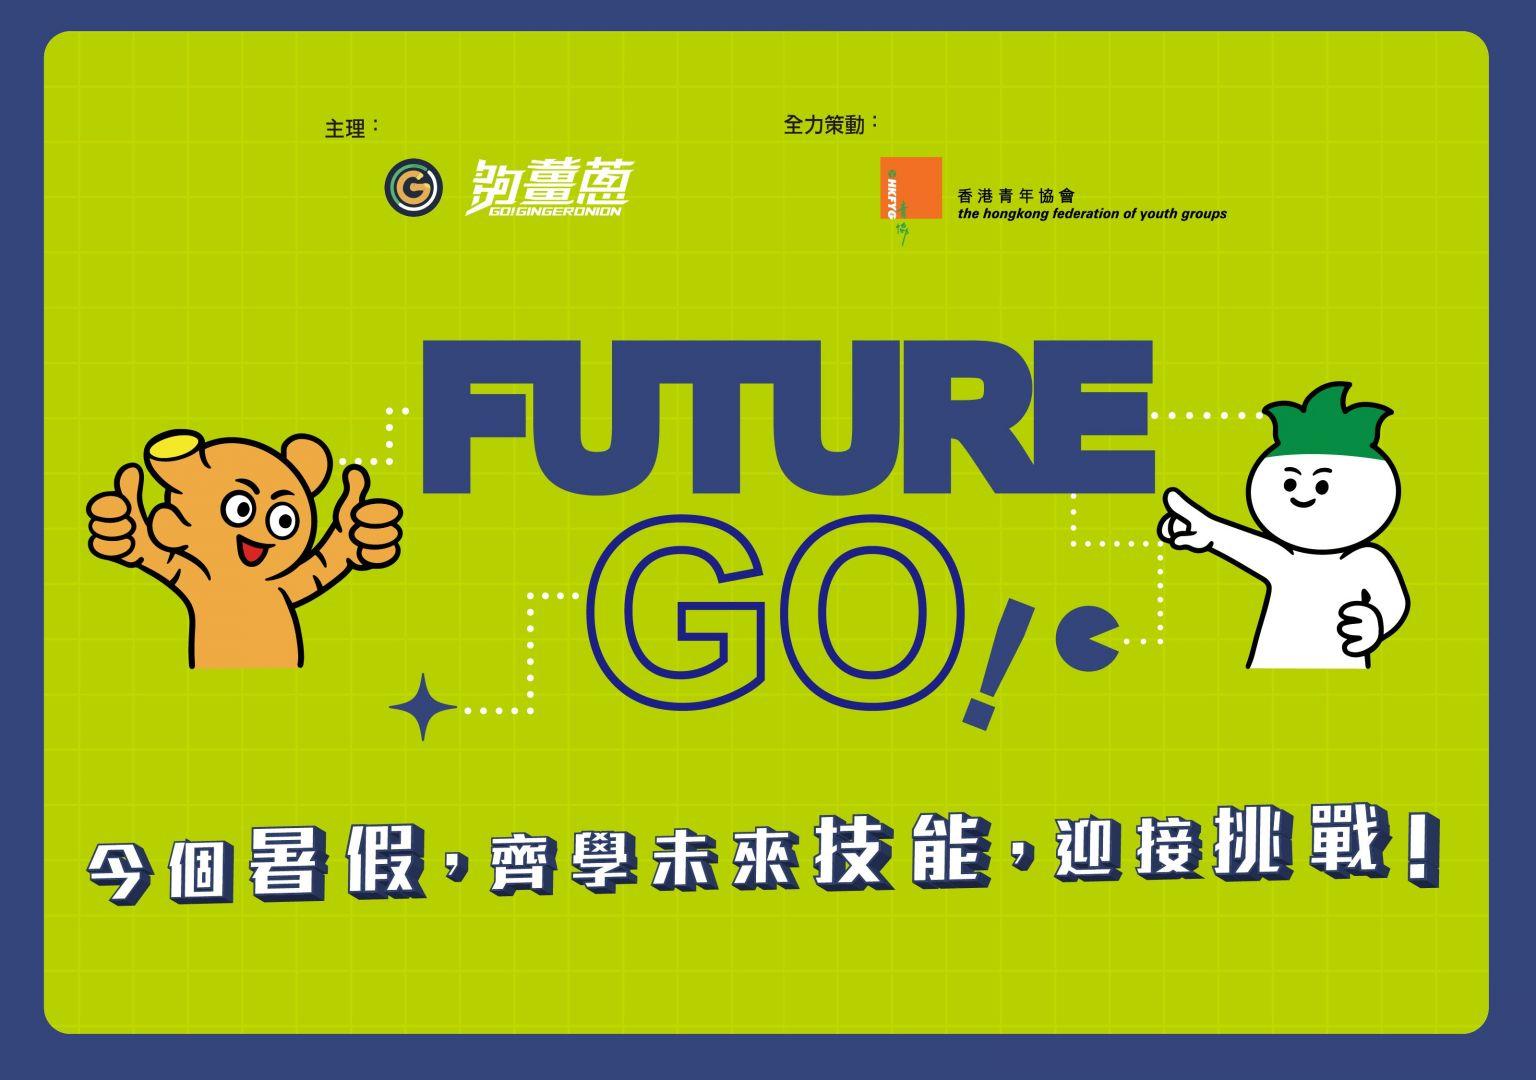 Future GO!